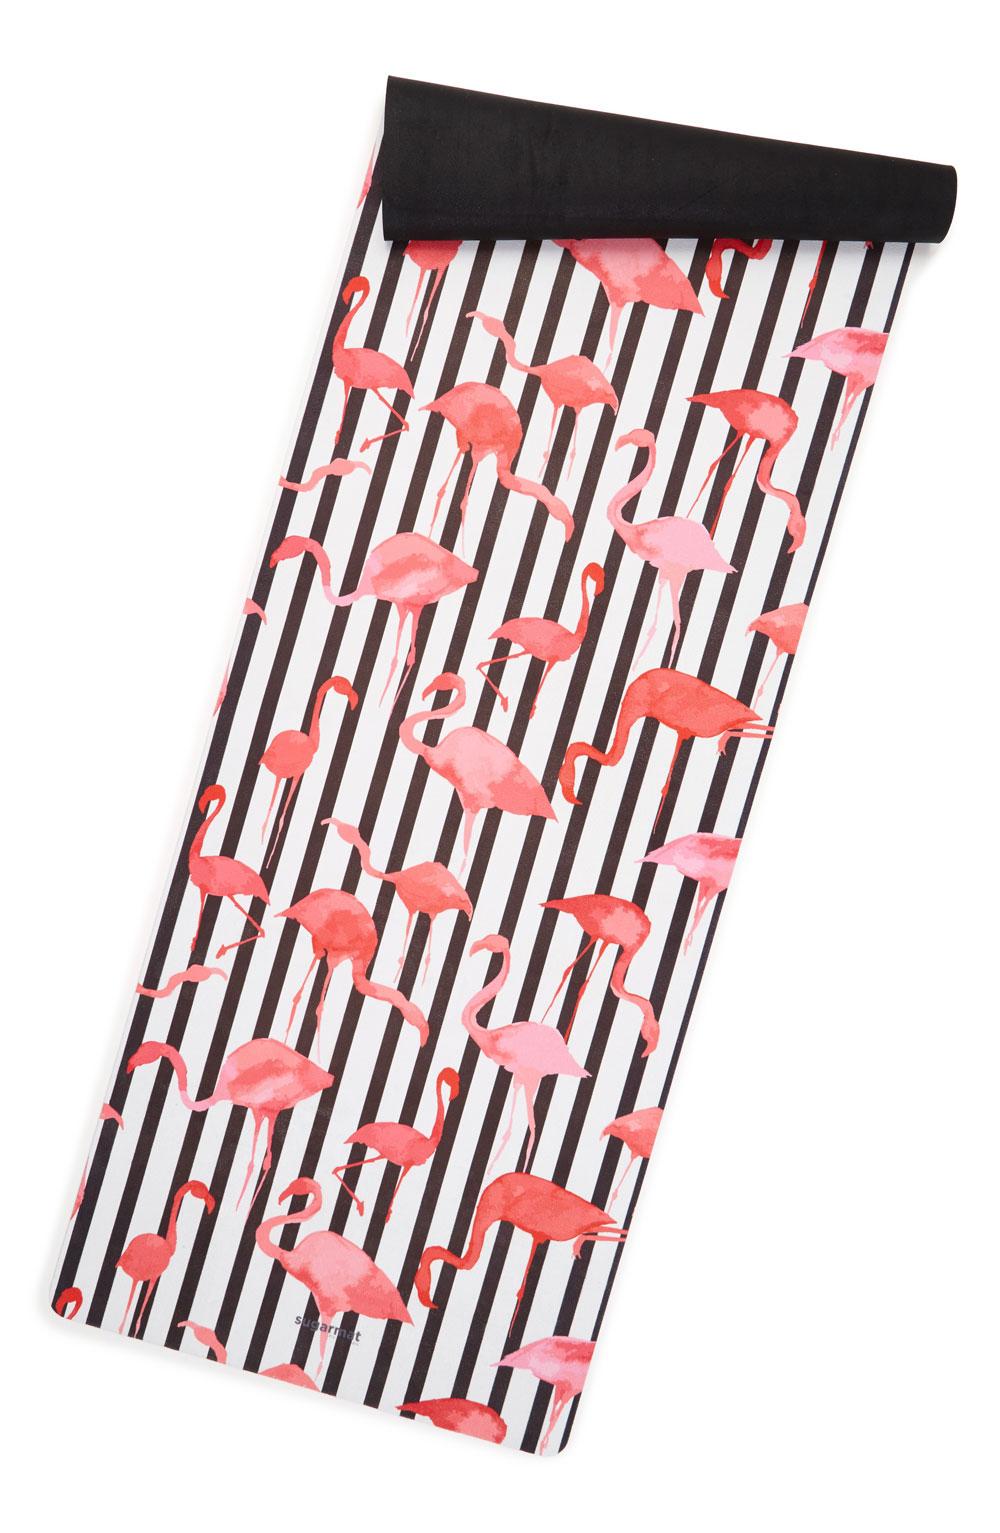 Colorful yoga mat in flamingo print